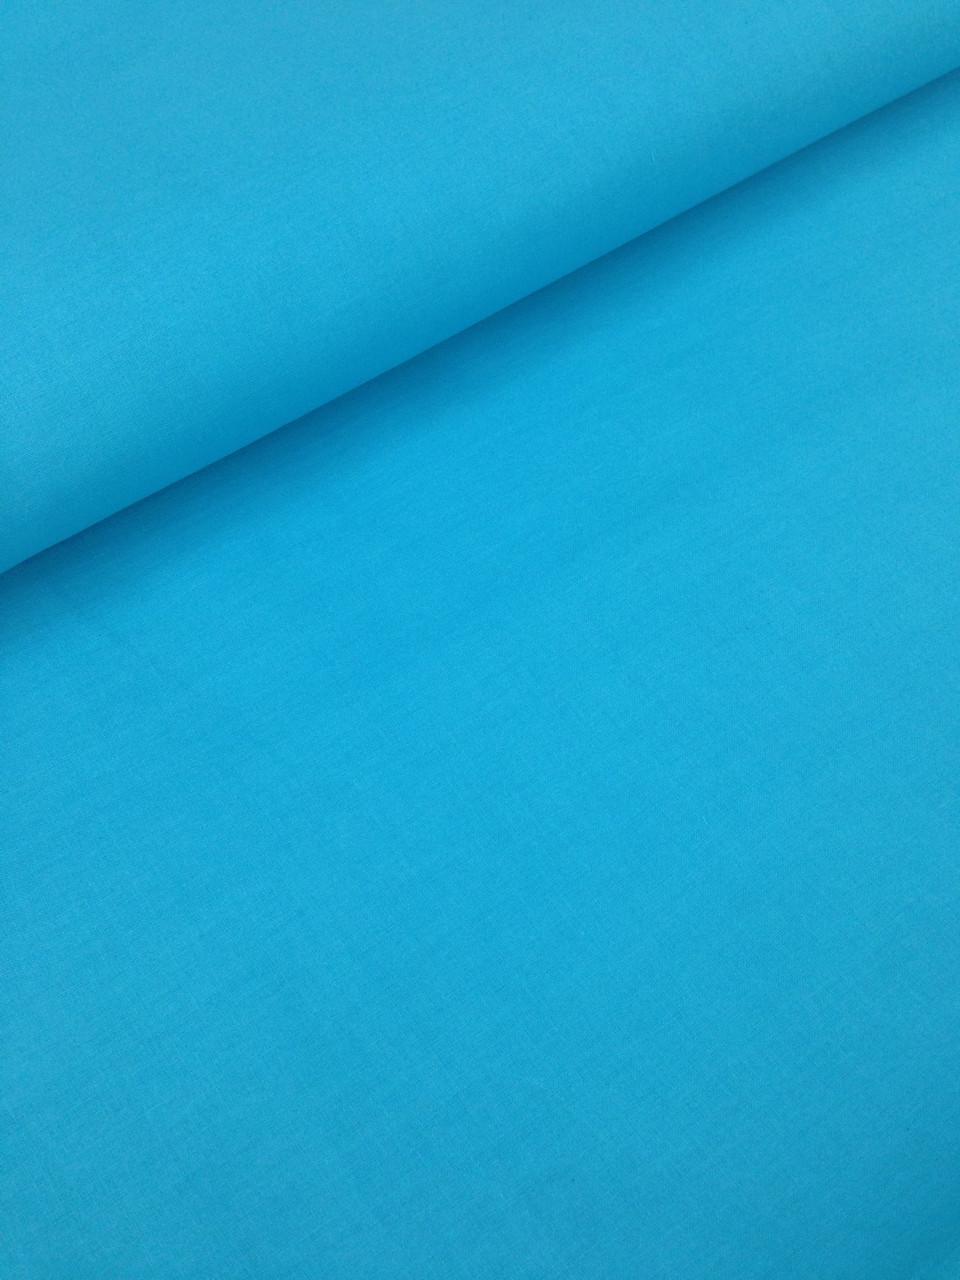 Хлопковая ткань польская однотонная бирюзовая (плот. 135 г/м.кв)